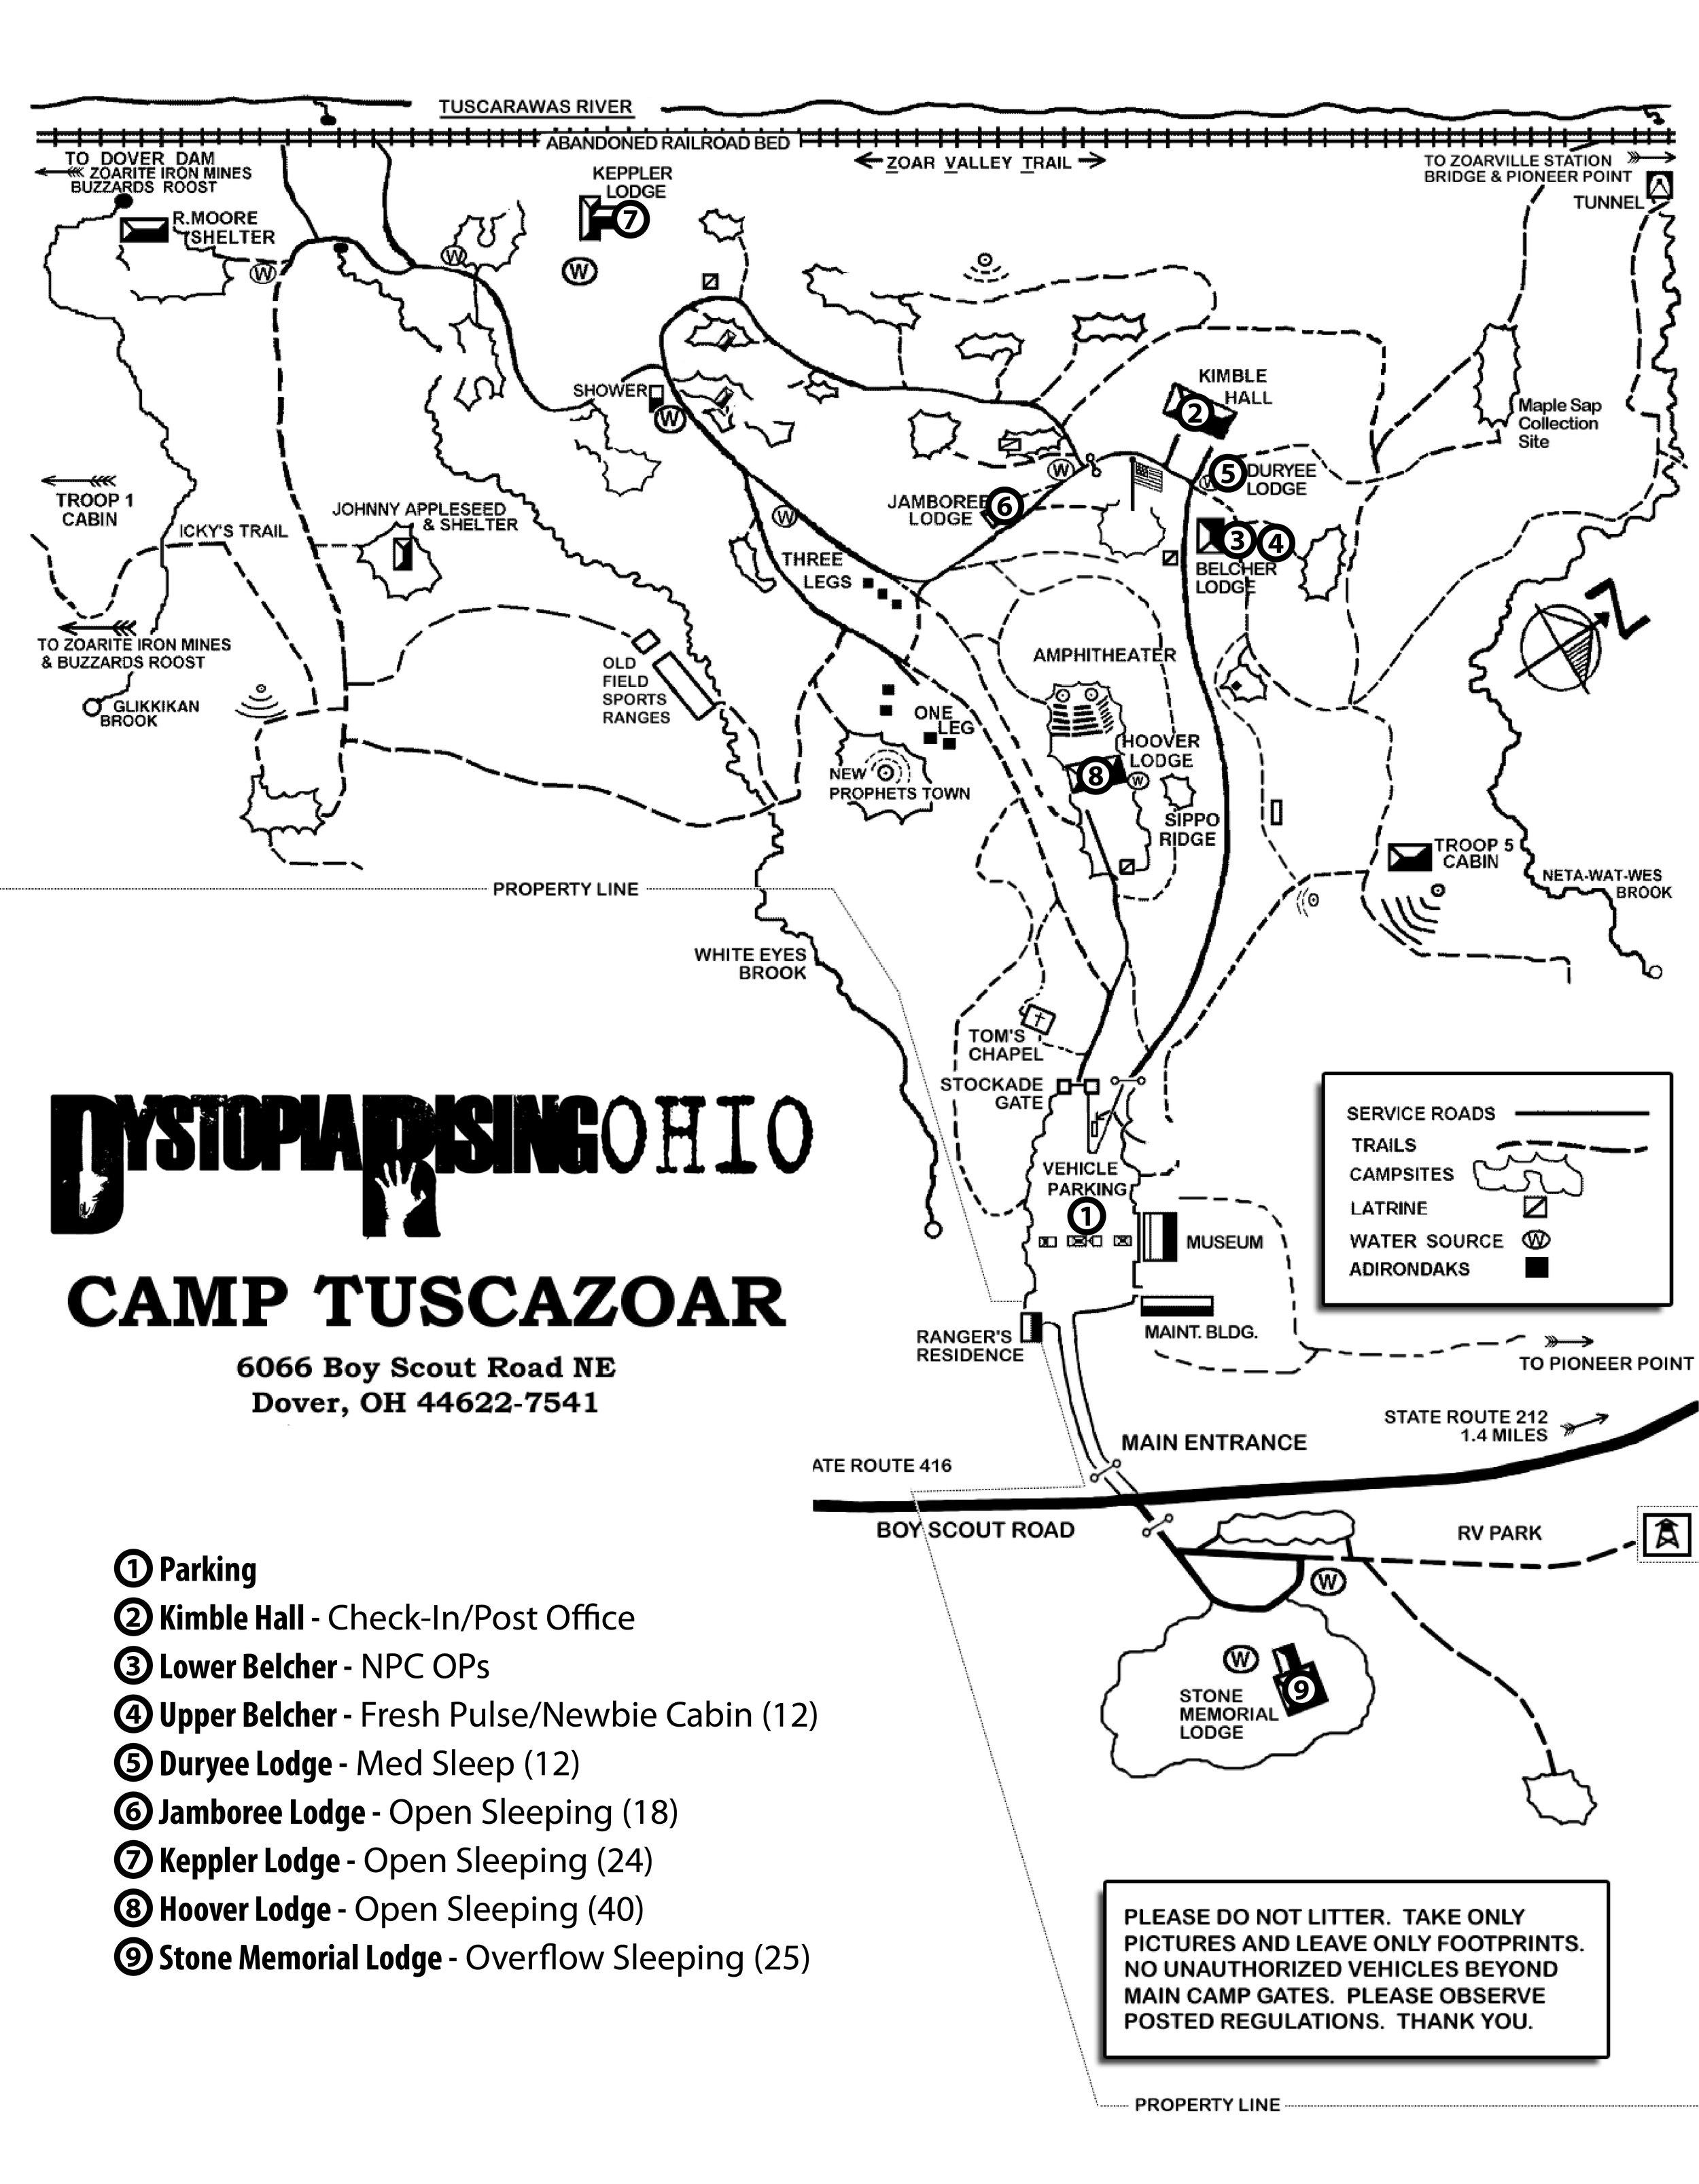 TuscazoarDRMap-01.jpg